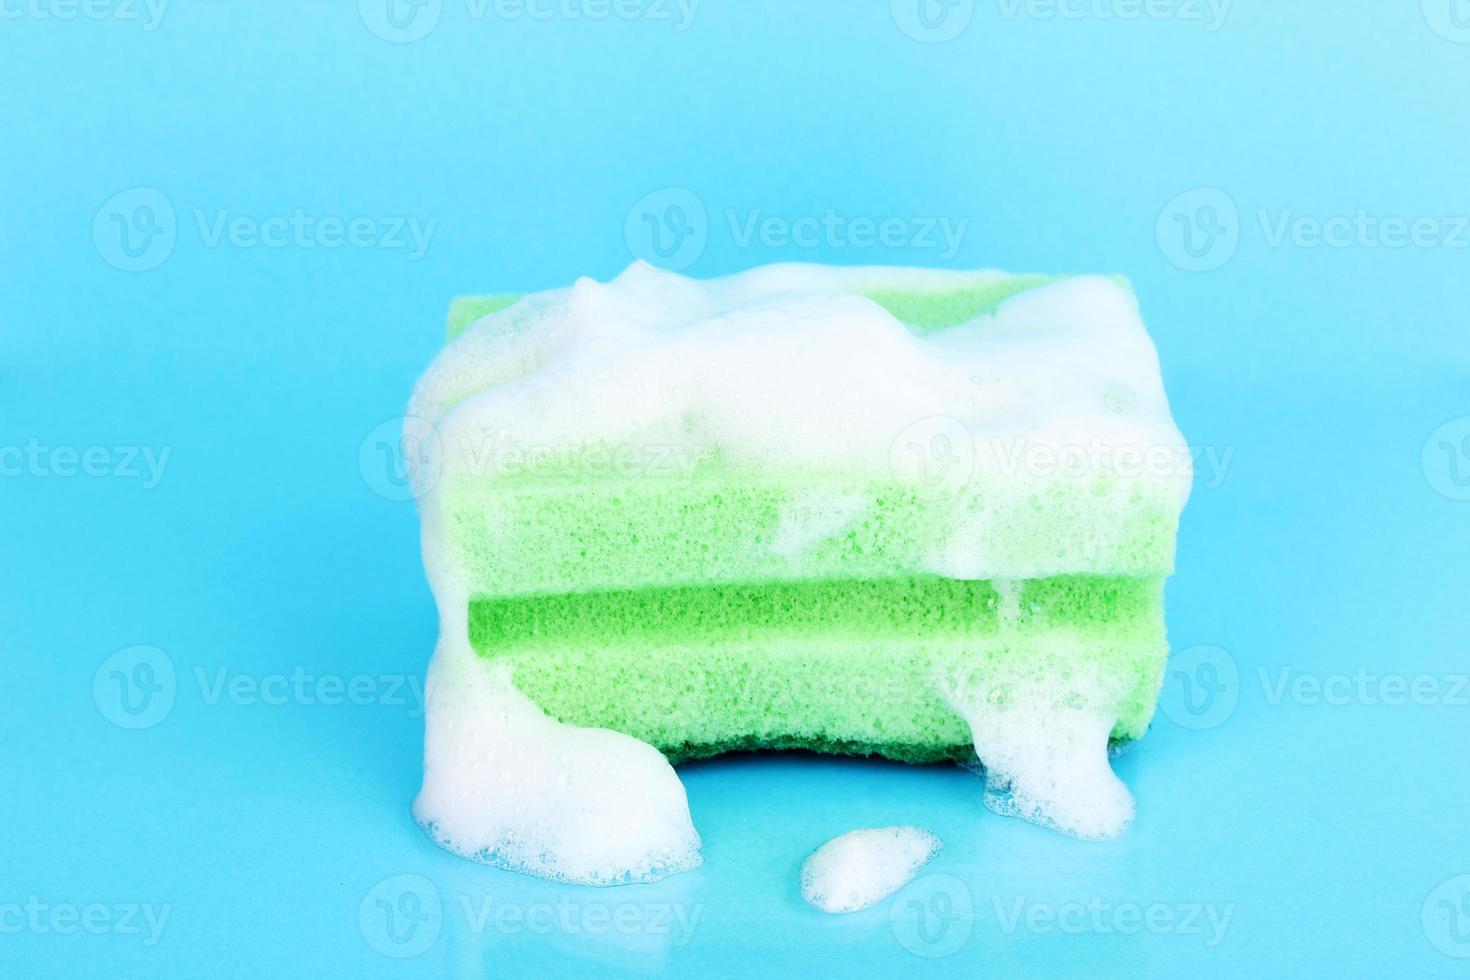 spugna con schiuma di detersivo per piatti su sfondo blu foto